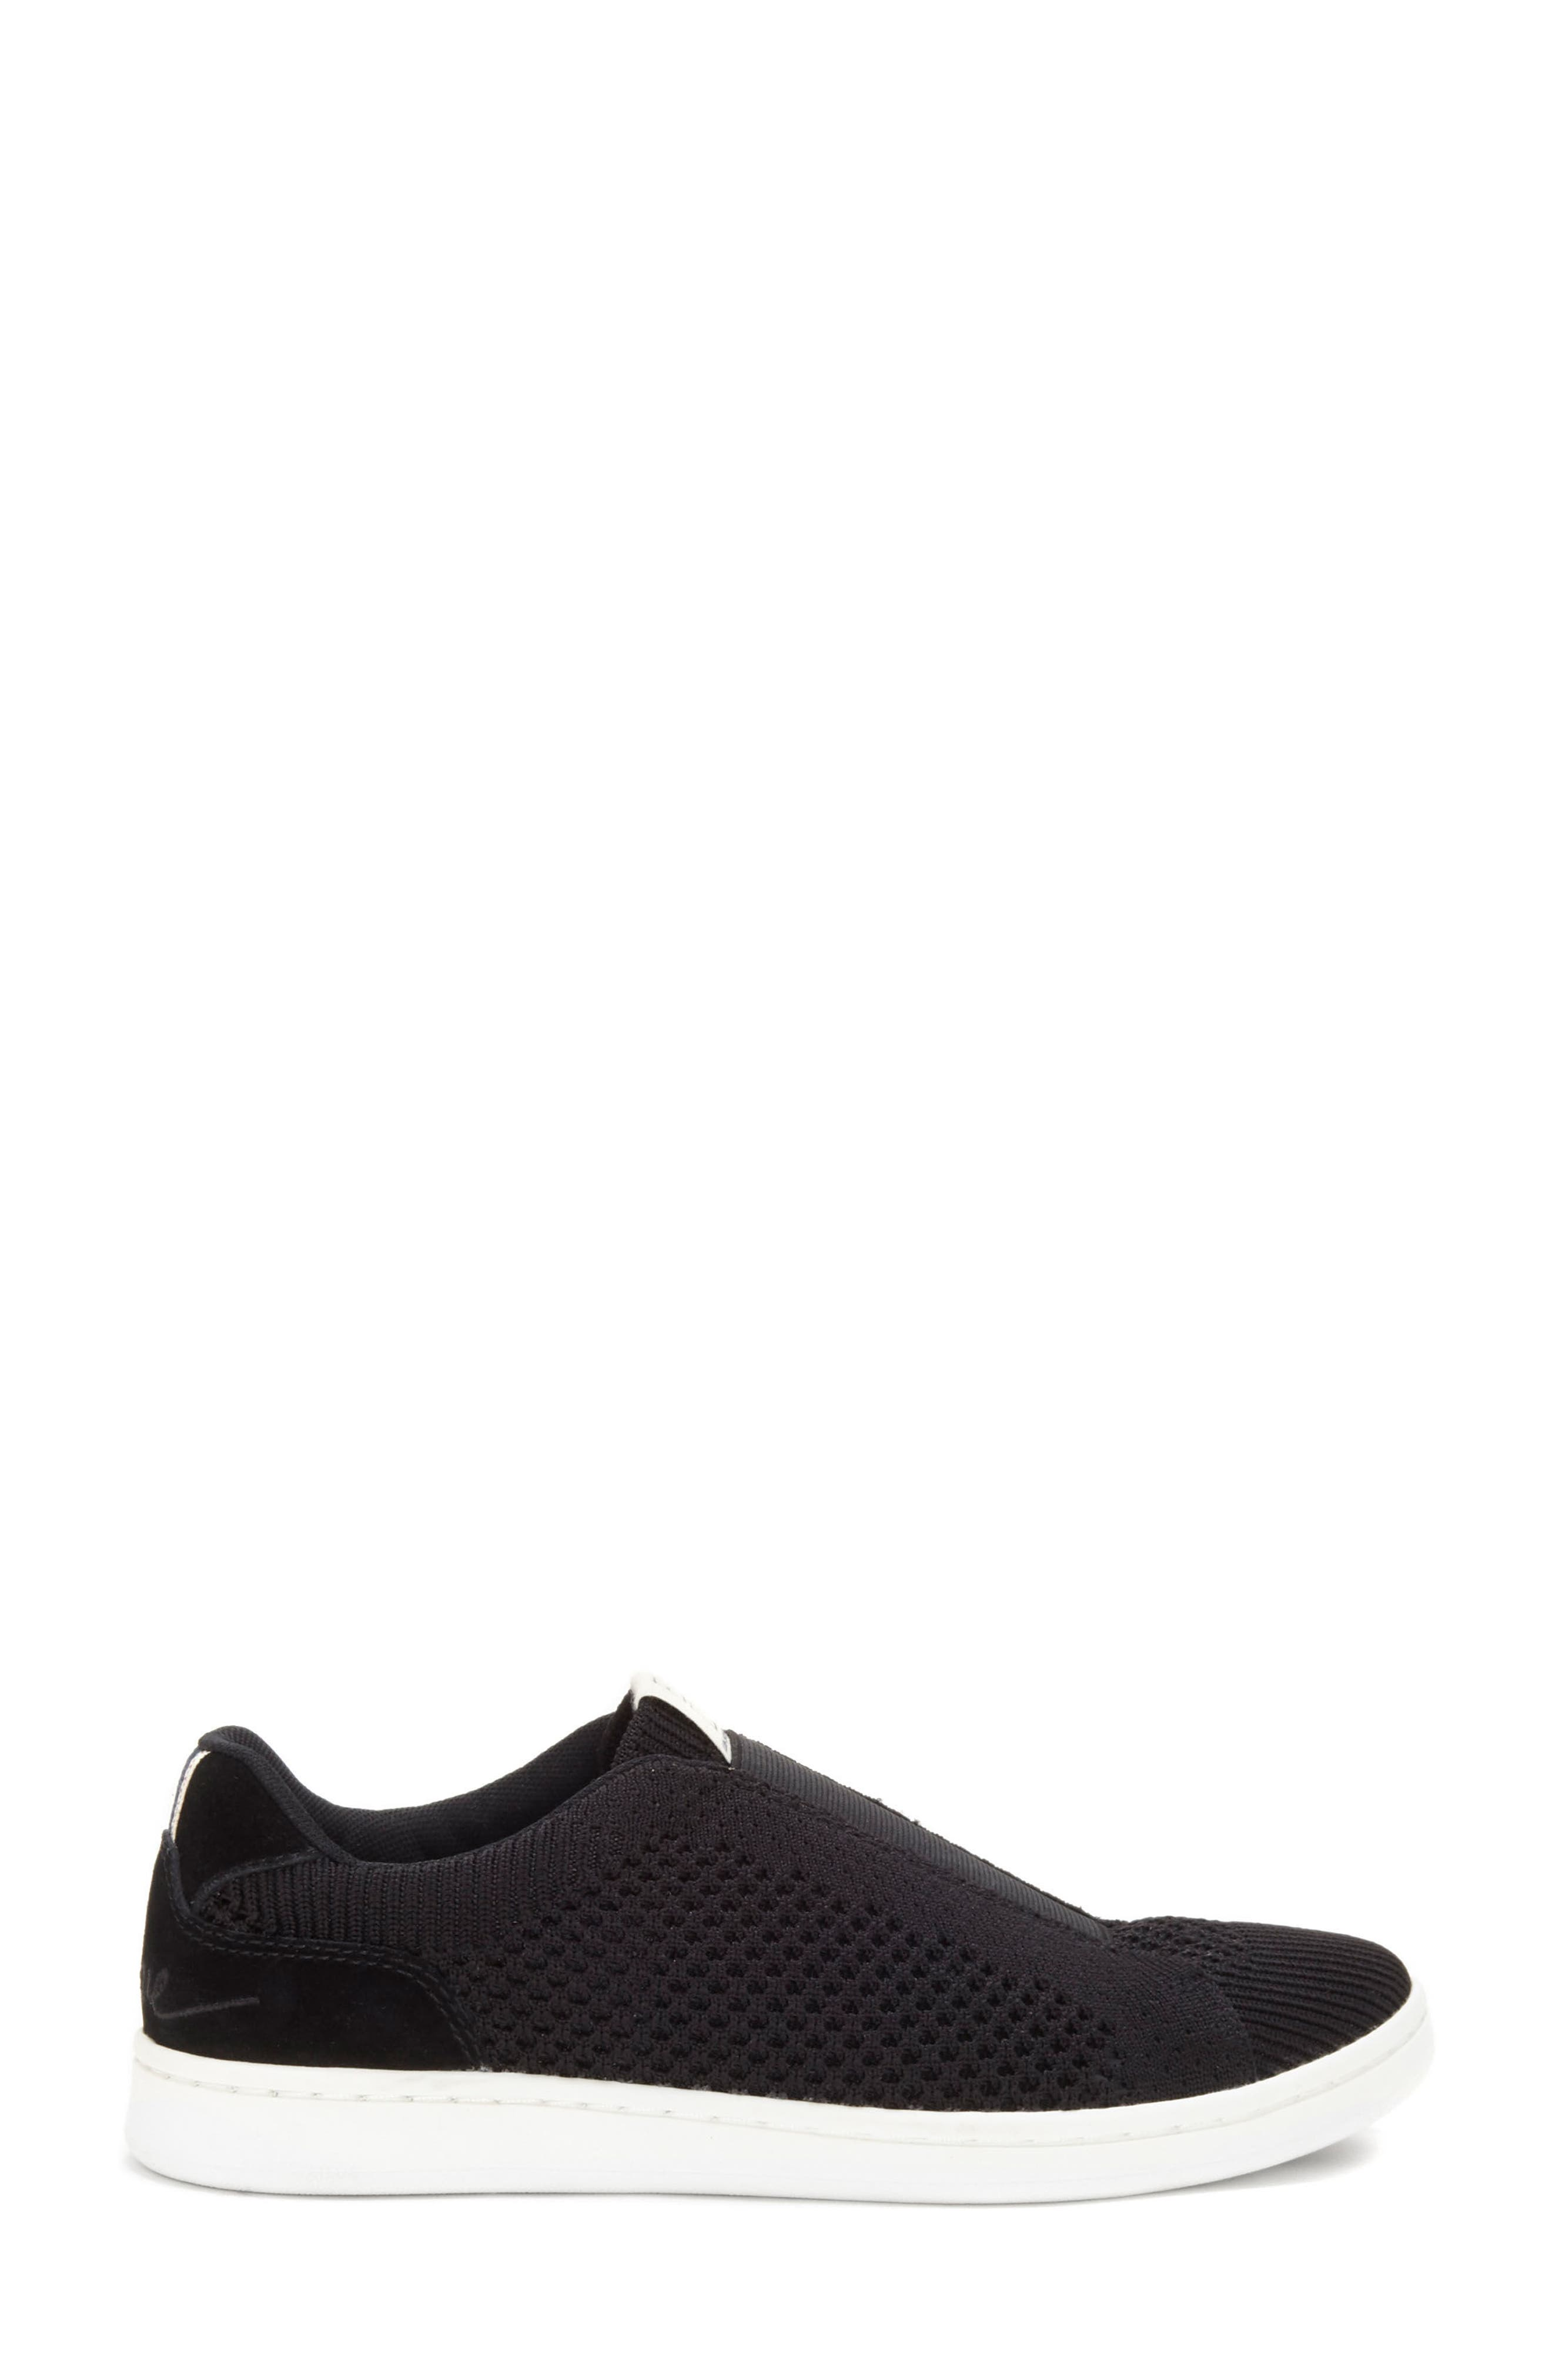 Casbey Slip-On Sneaker,                             Alternate thumbnail 3, color,                             002